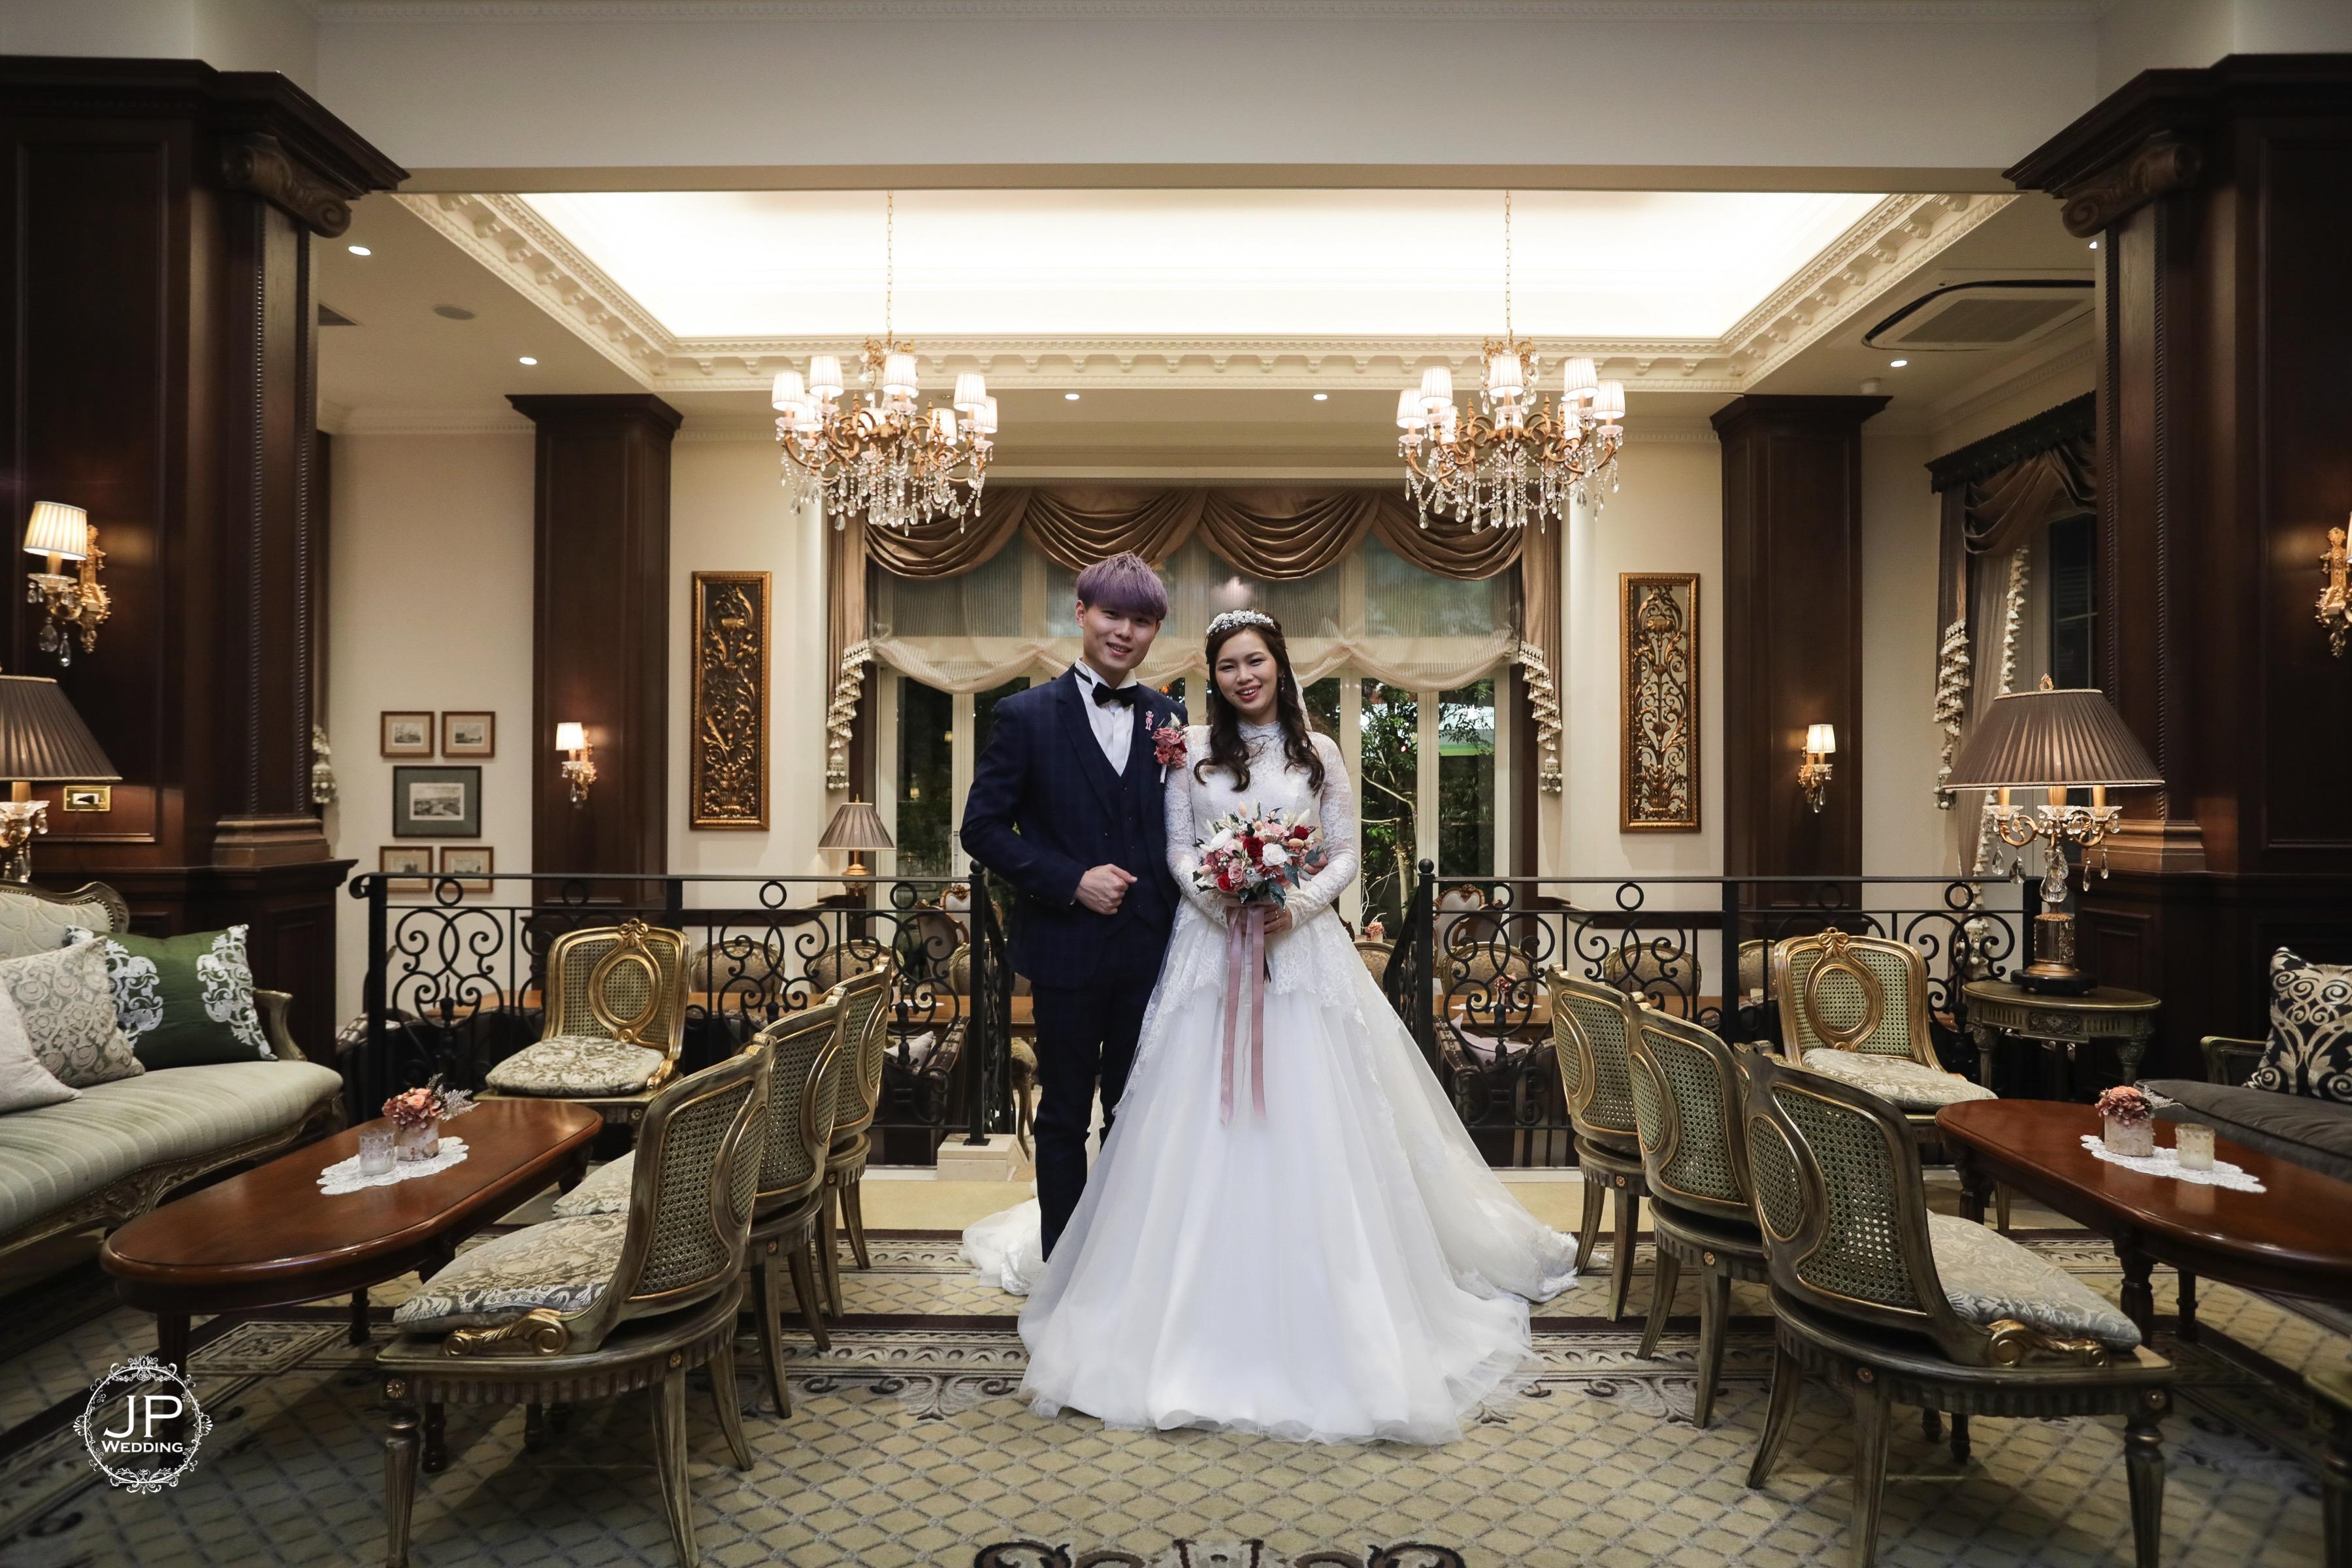 JP Wedding - Heart Court Yokohama-8